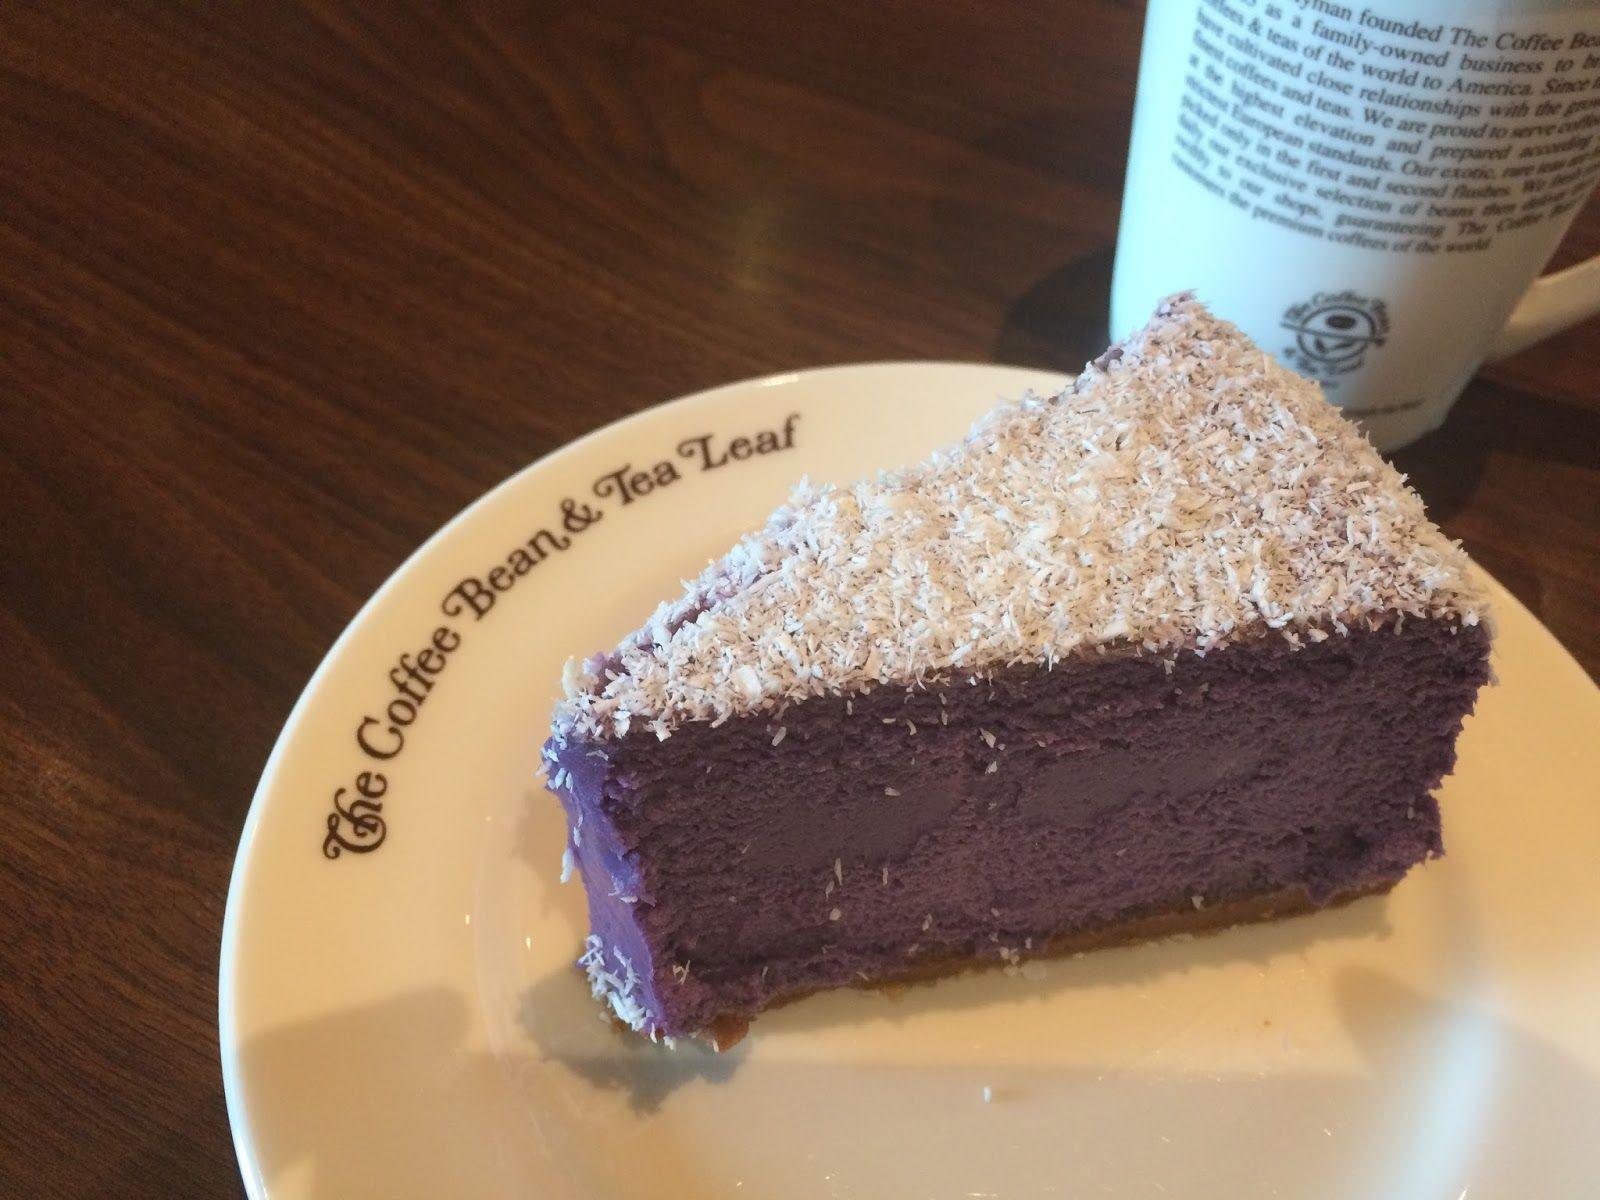 Ube Cheesecake Purple Yam Cheesecake Sweets Desserts Desserts Cheesecake